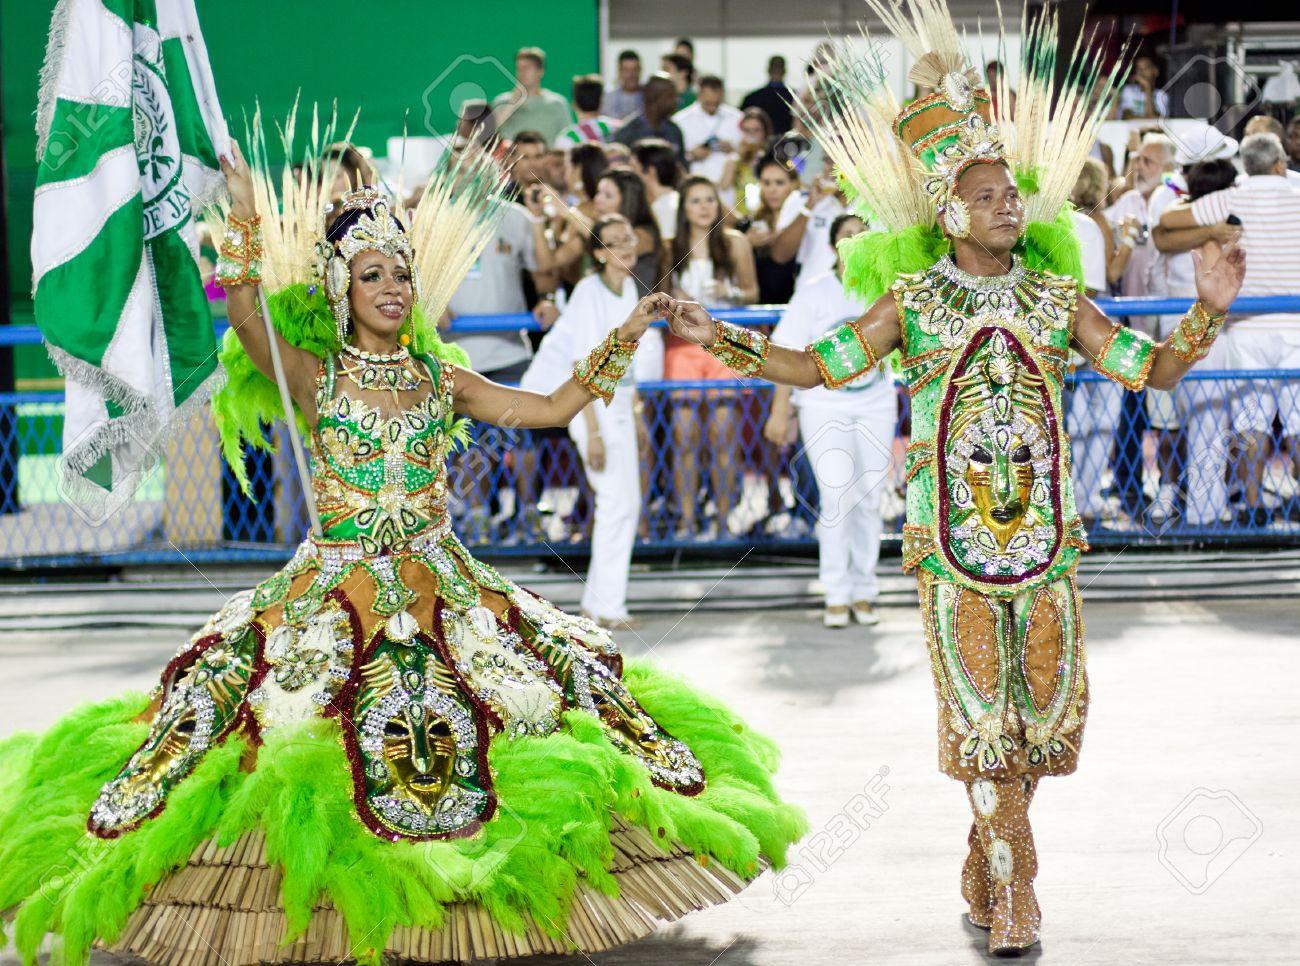 Banque dimages , RIO DE JANEIRO , 10 février Une femme et des hommes en costume de danse sur le carnaval au Sambodrome de Rio de Janeiro Février 10 2013,